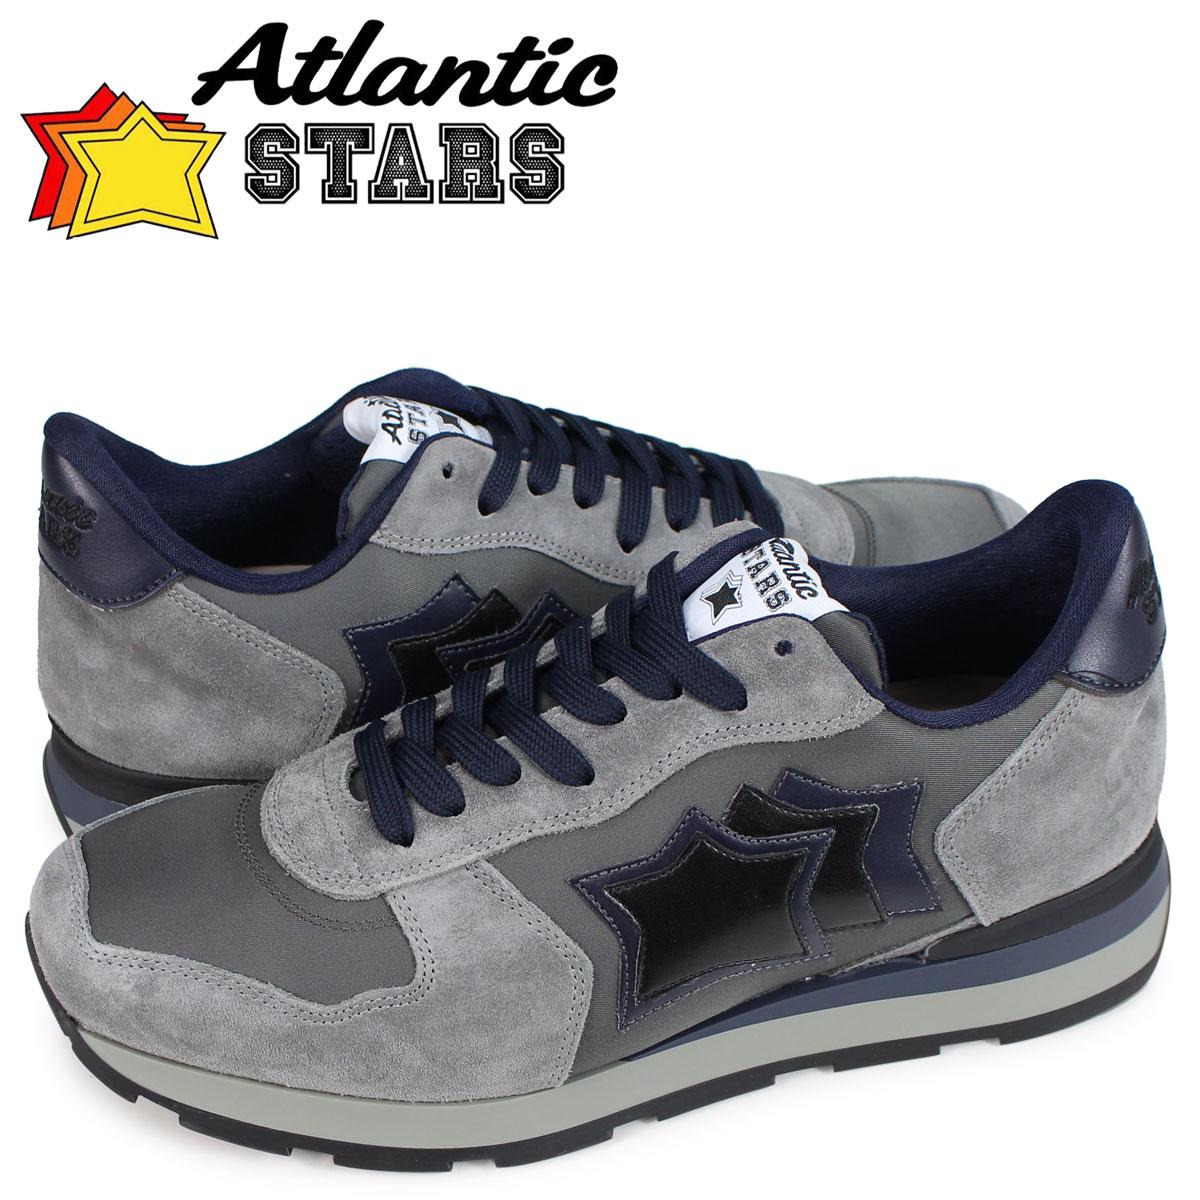 【お買い物マラソンSALE】 アトランティックスターズ Atlantic STARS アンタレス スニーカー メンズ ANTARES GA-06N グレー